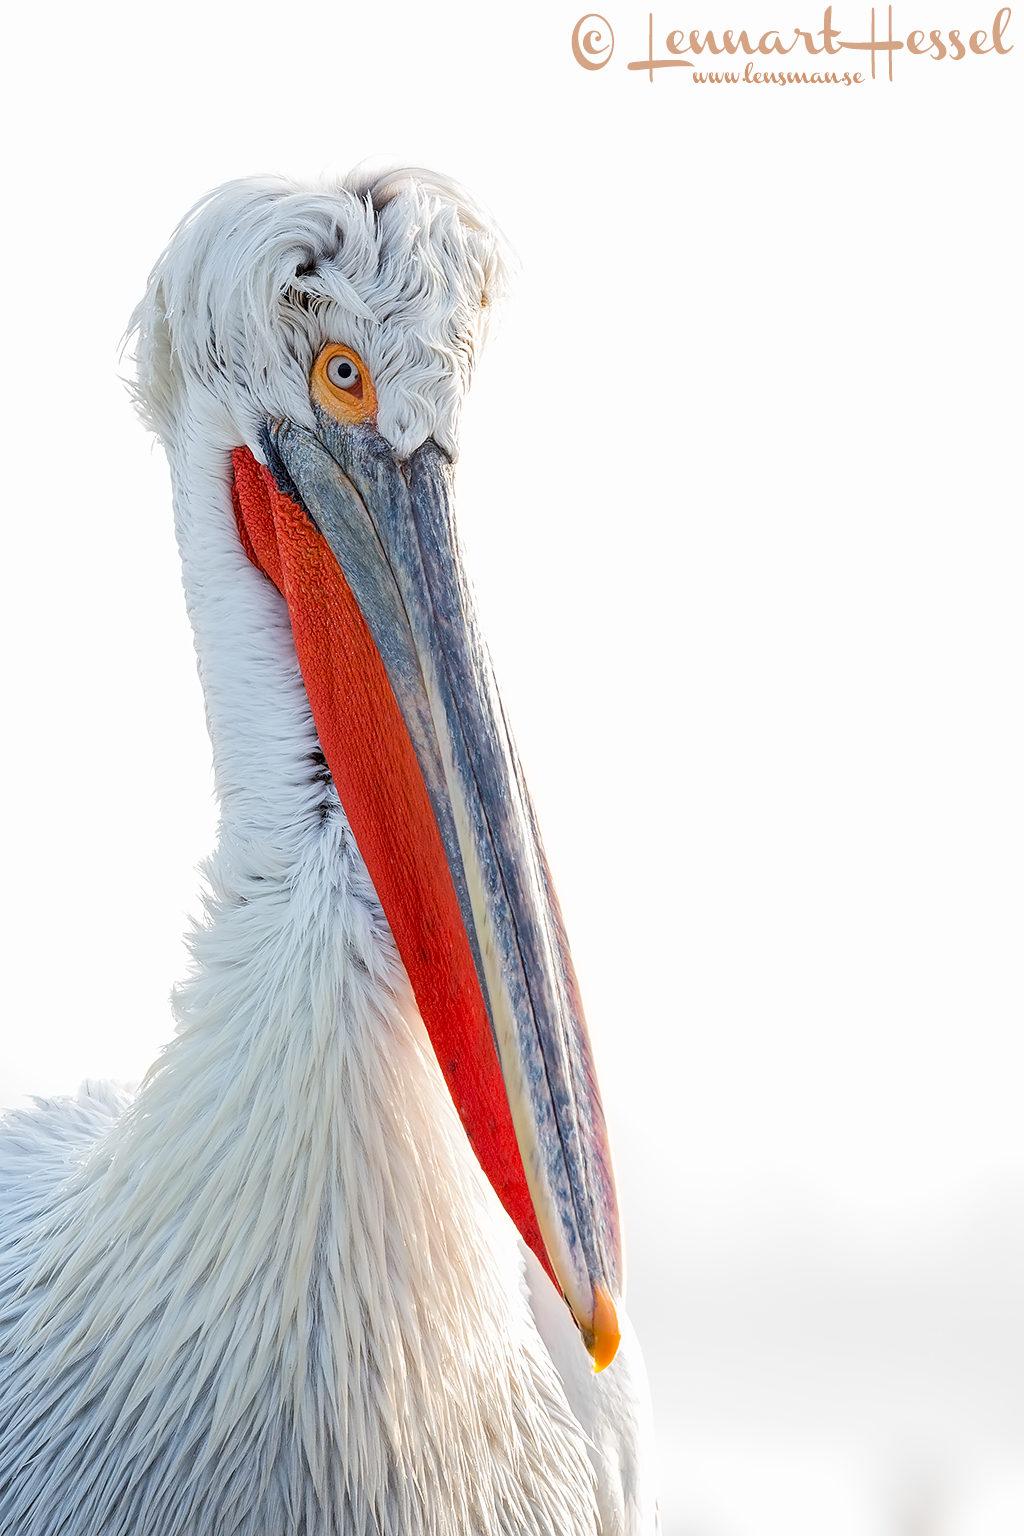 Dalmatian Pelican high key Greece Lake Kerkini